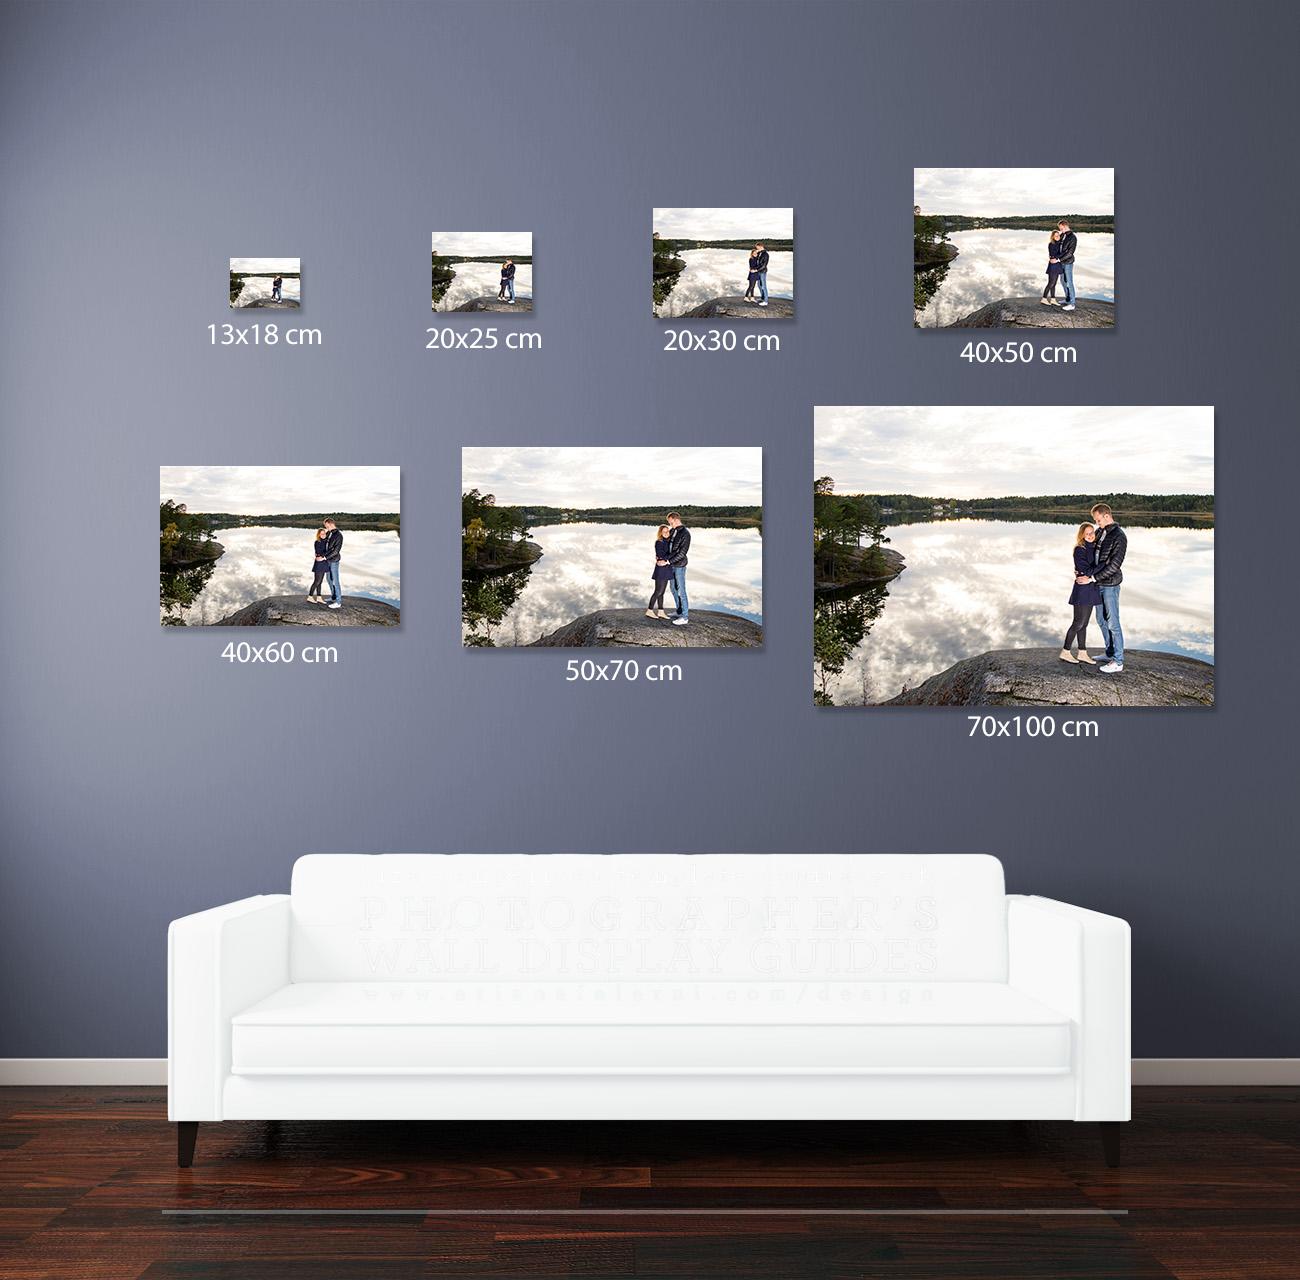 exempel bildstorlekar vägg